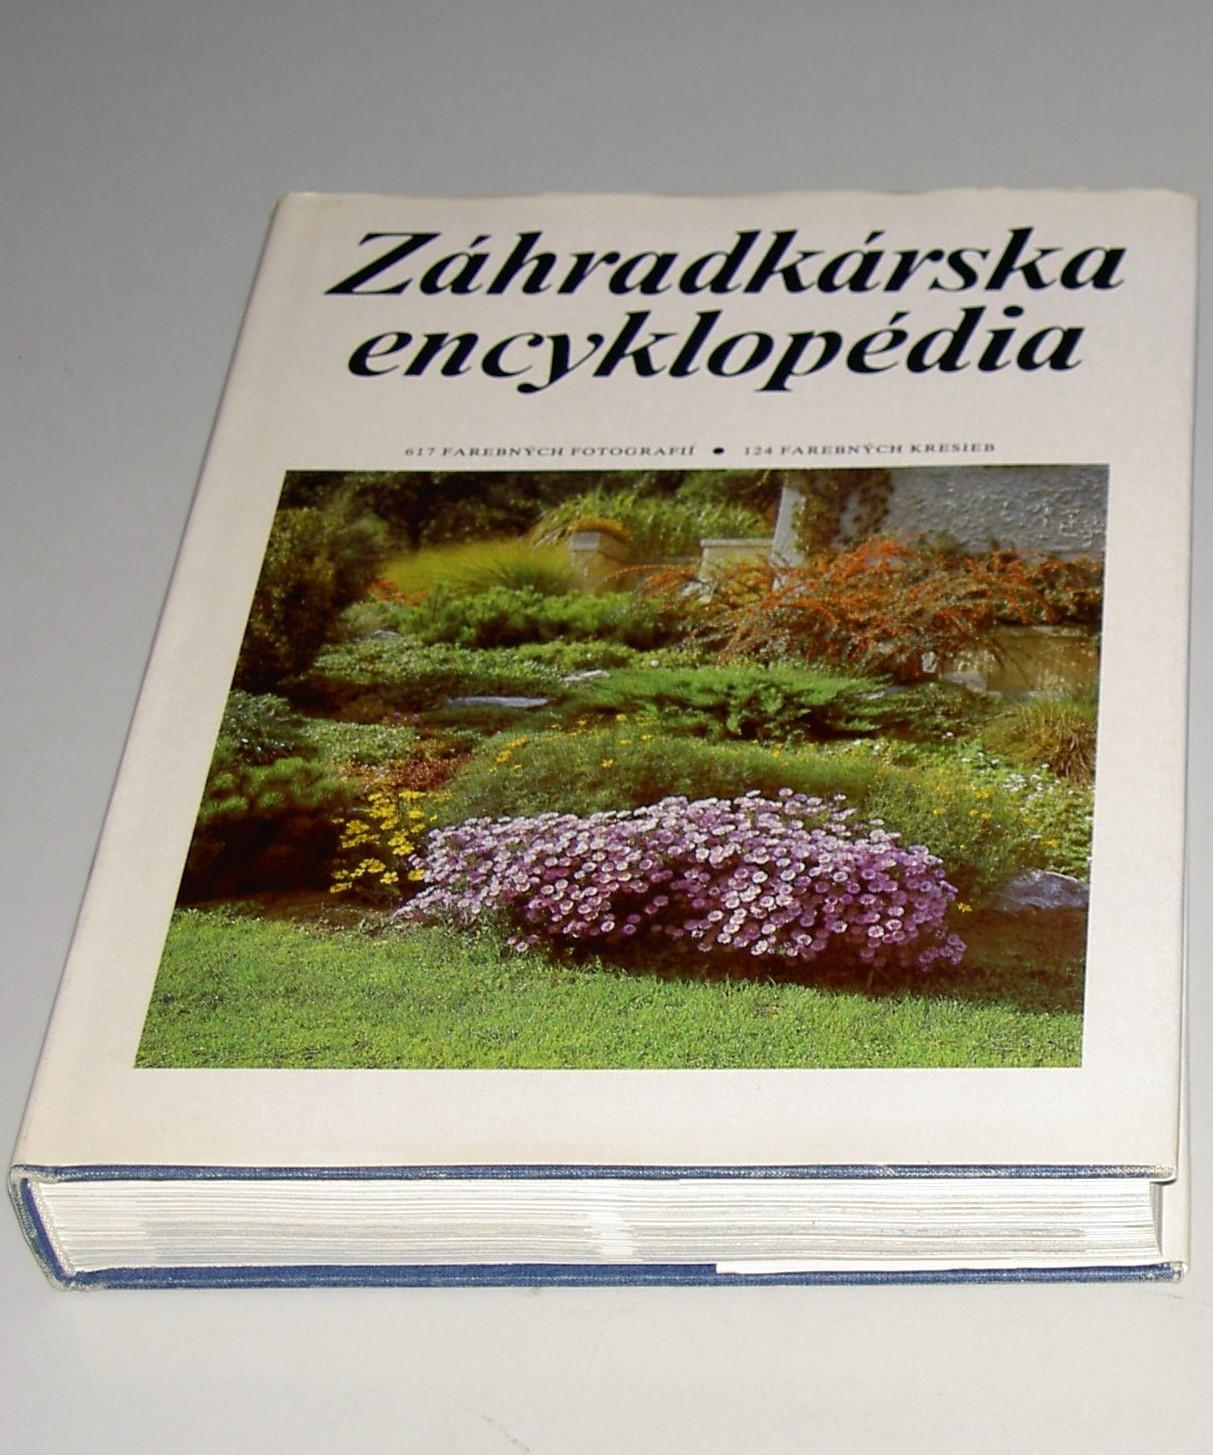 Záhradkárska encyklopédia - Obrázok č. 1